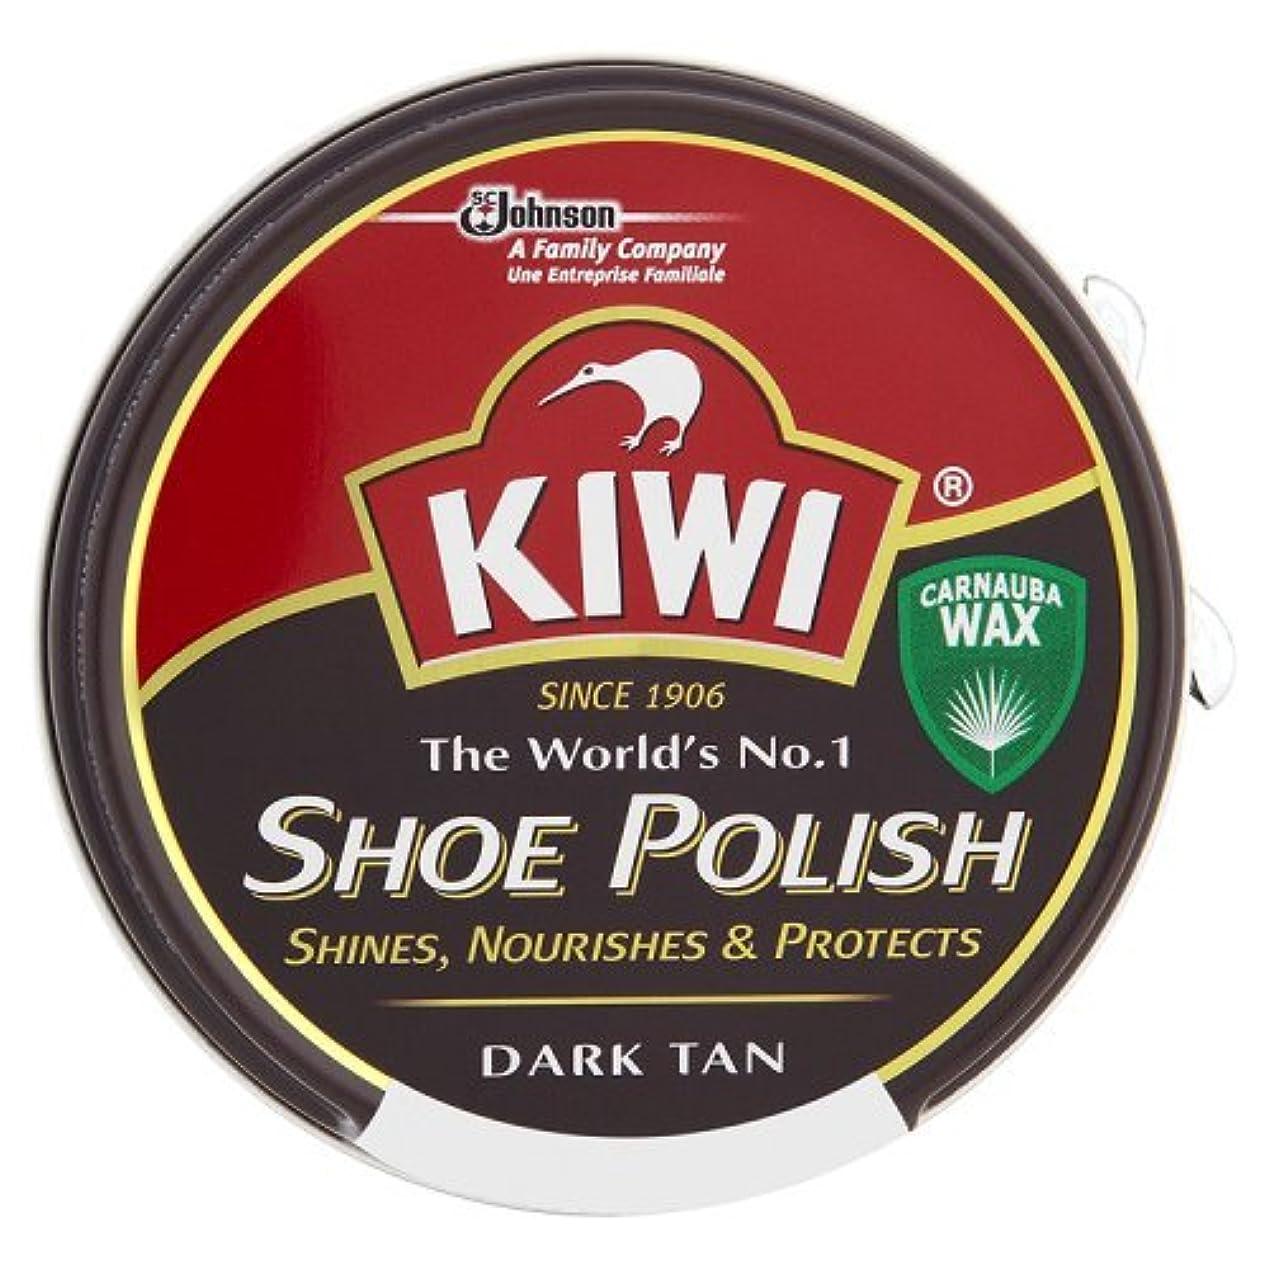 ベッツィトロットウッドホステス温度計キィウイ 靴クリーム 中缶 濃茶色(ダークタン) 50ml